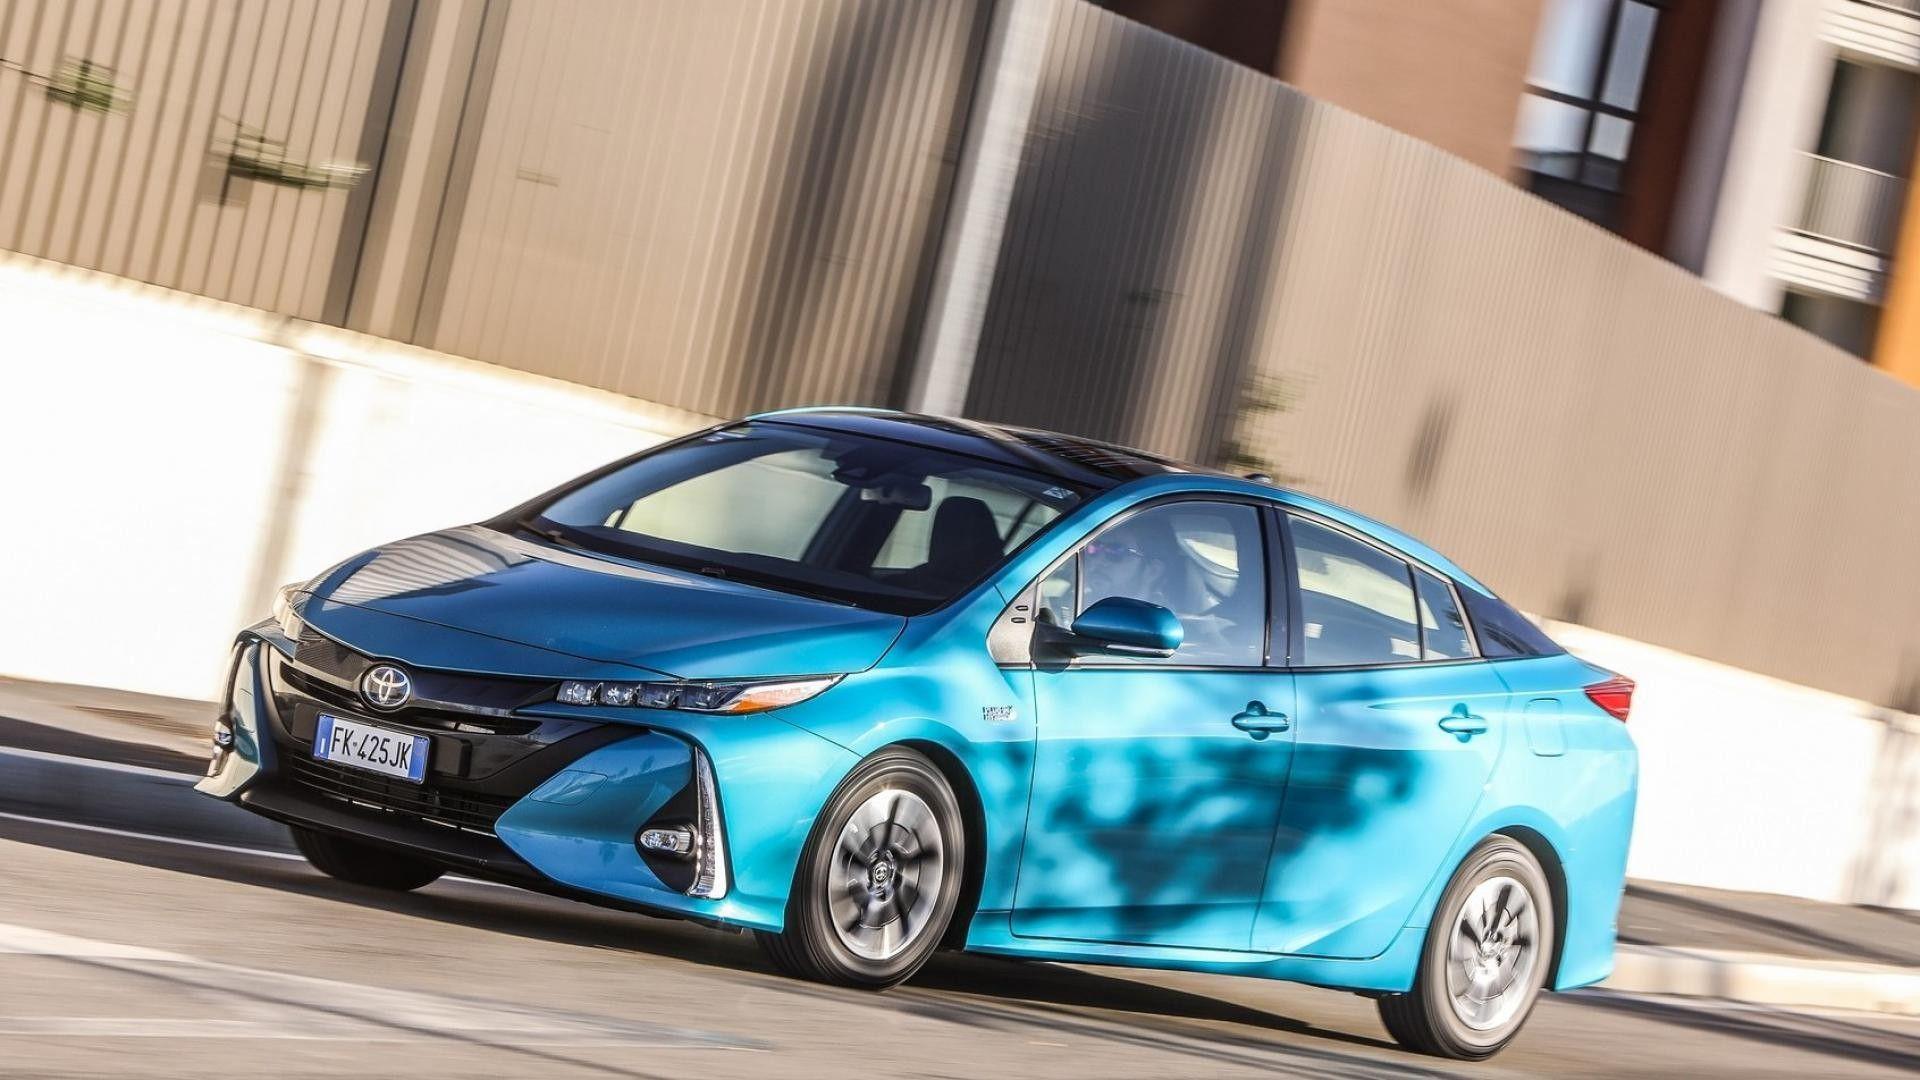 Lexus Hybrid Suv >> Blocco diesel, una guida alle auto ibride: modelli ...